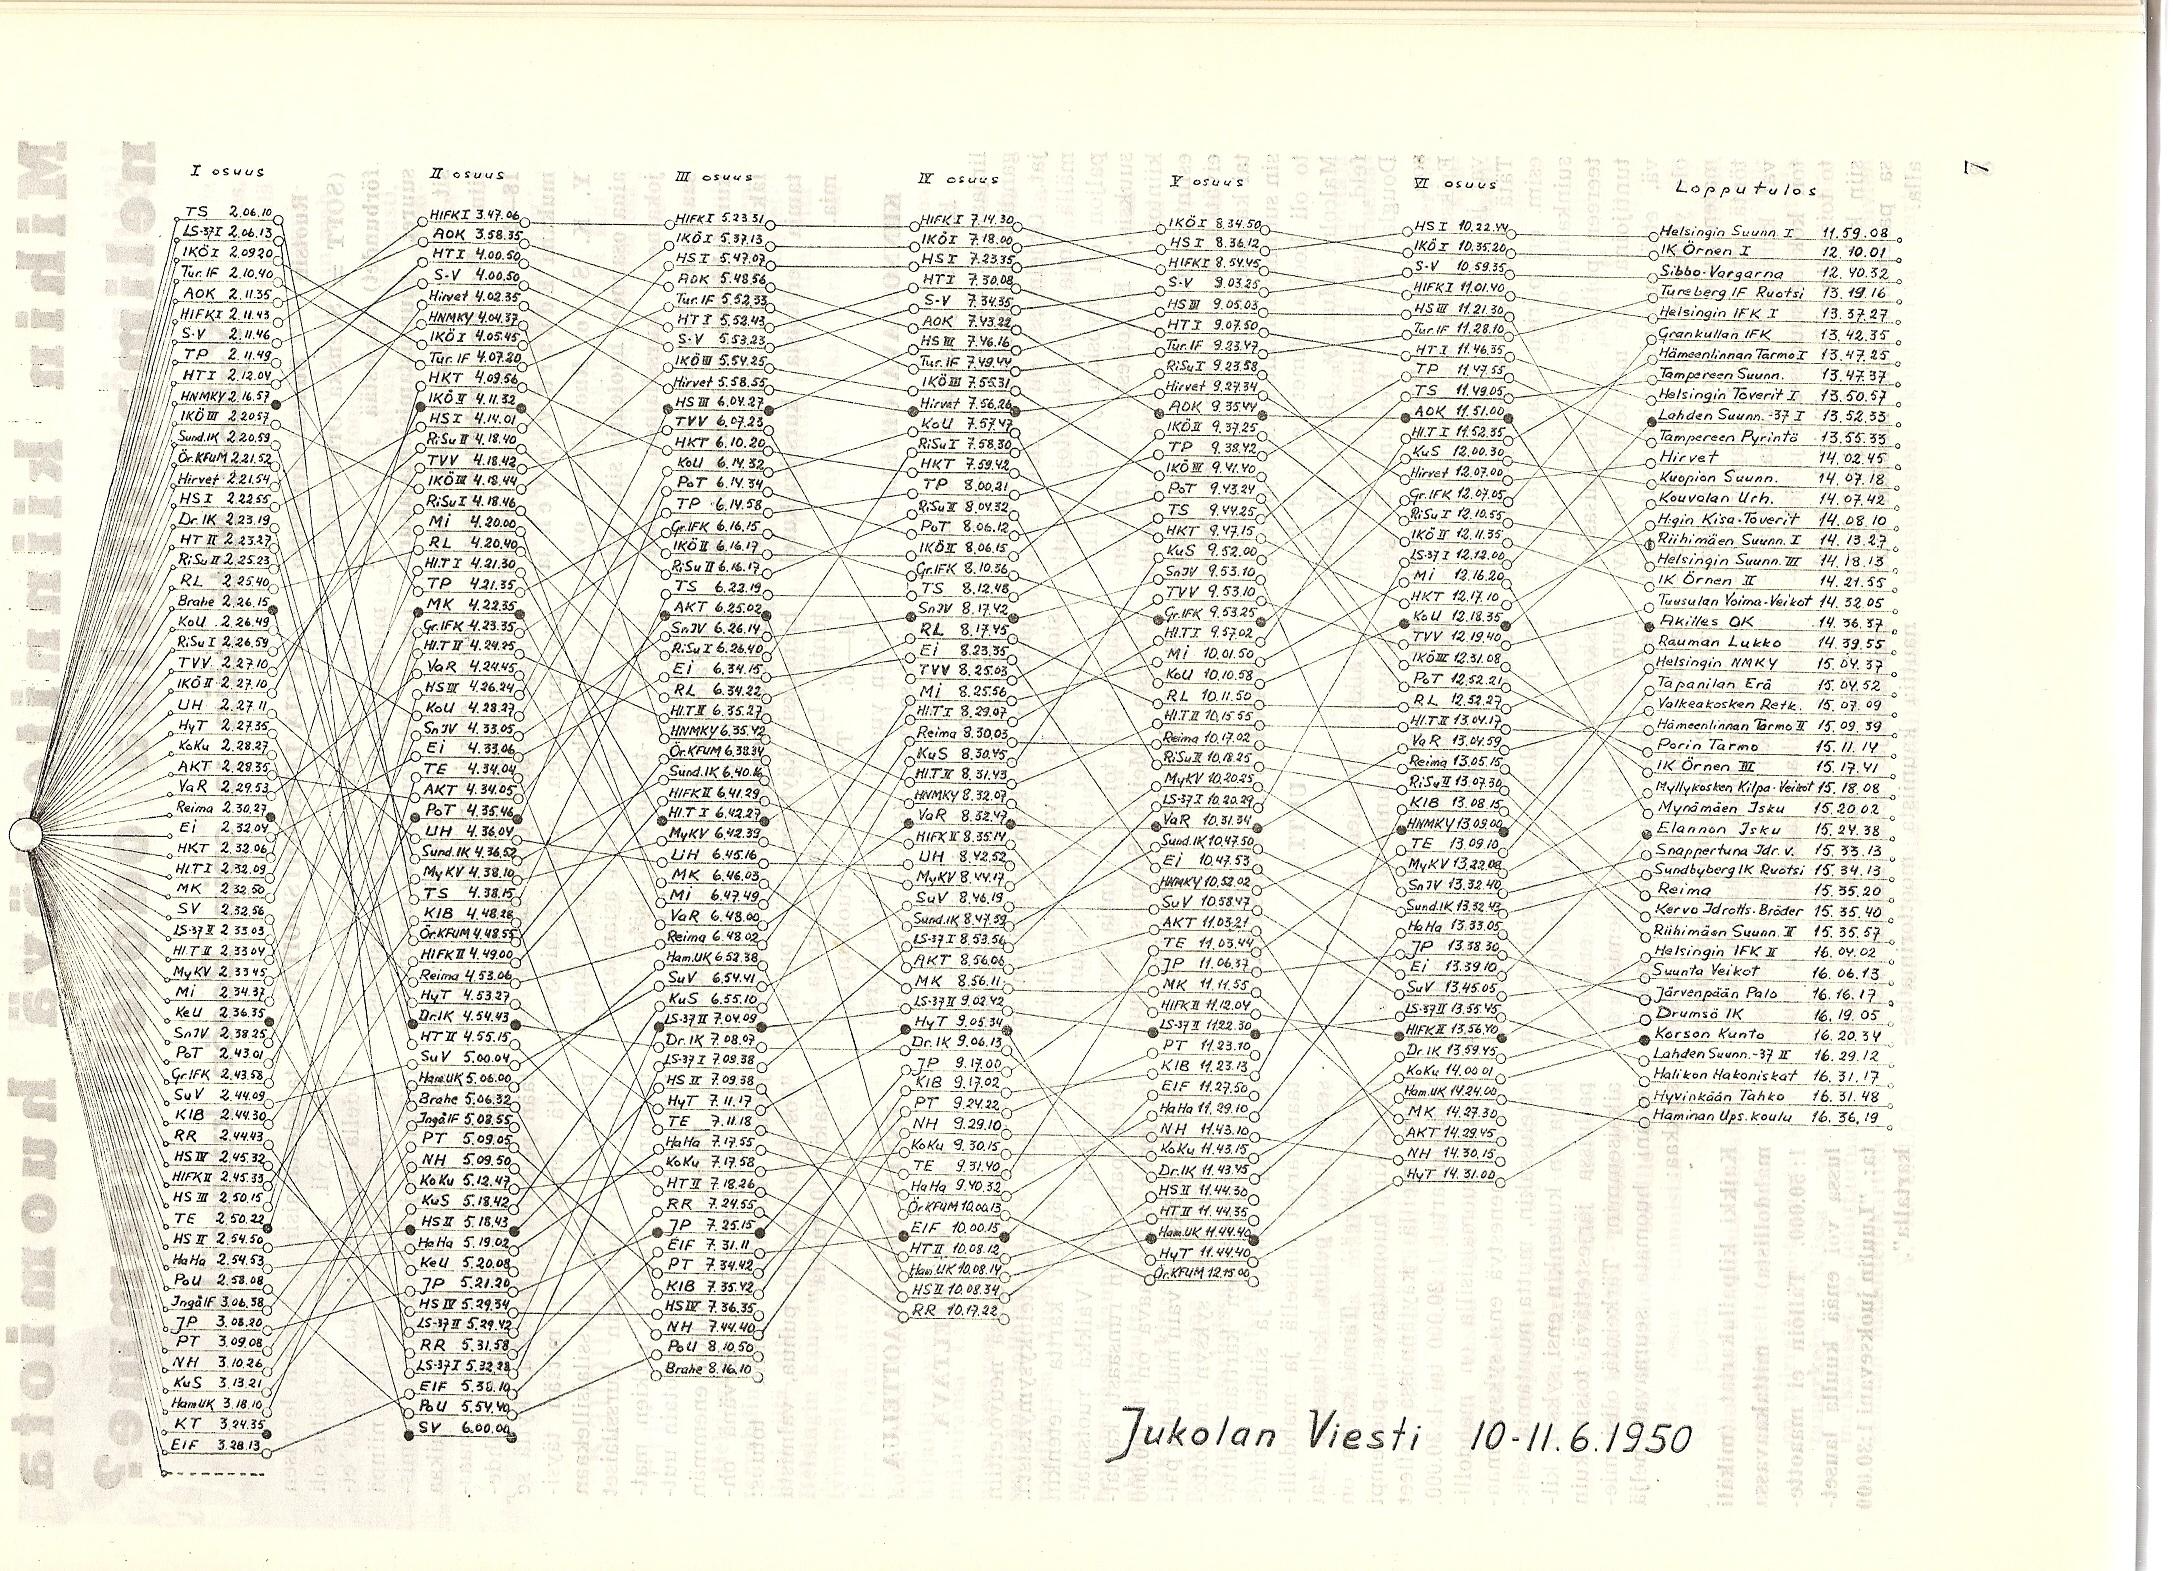 Jukolan viestin 1950 tulokset